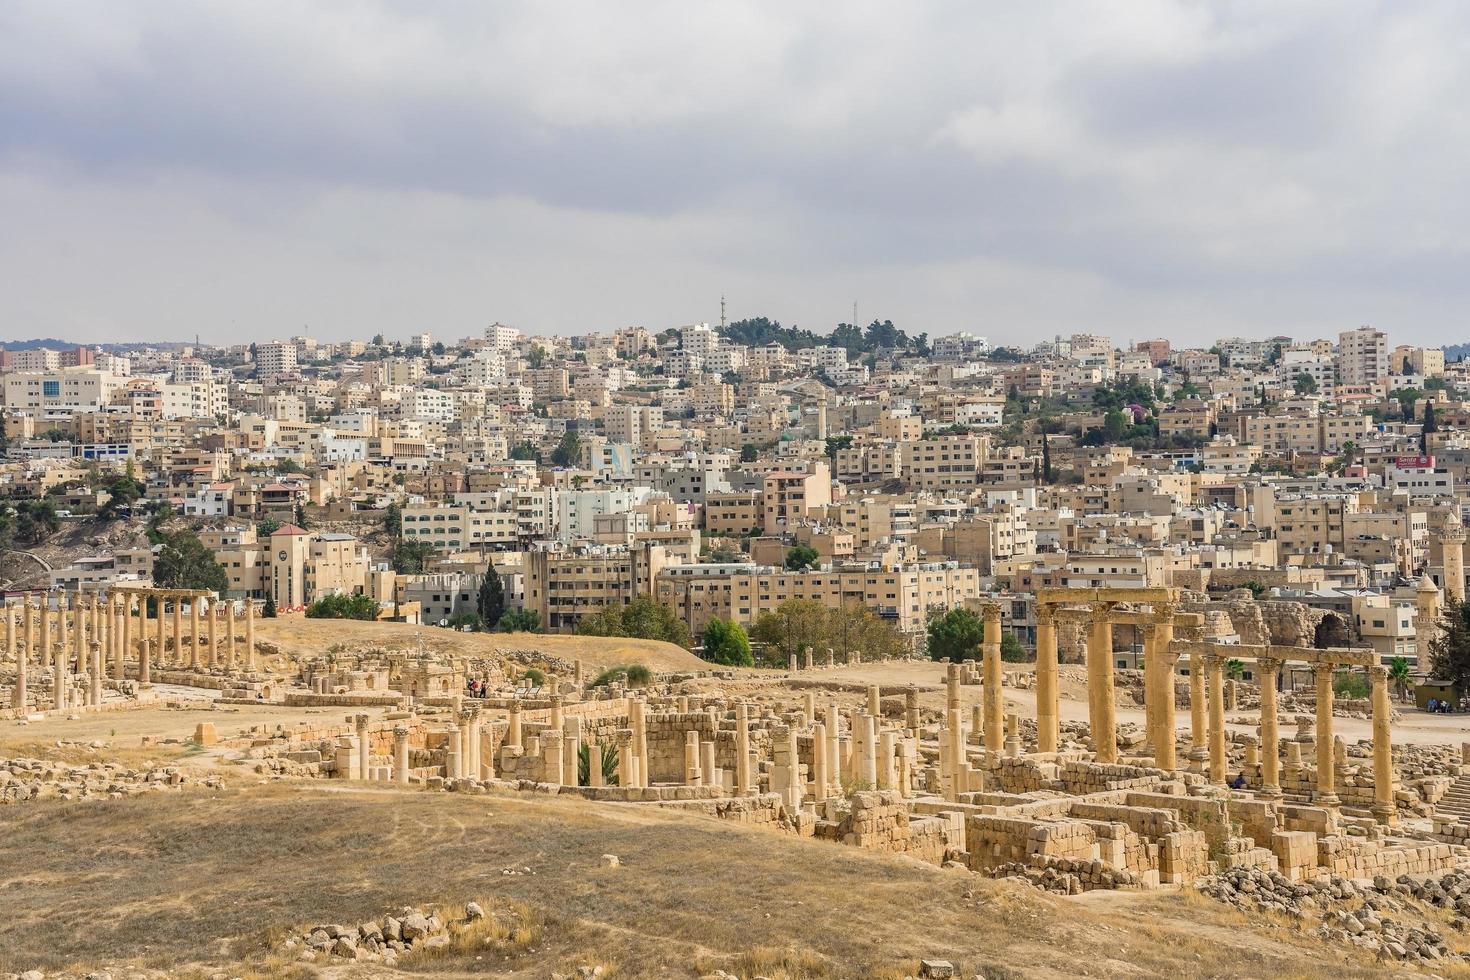 antiche rovine romane a jerash, giordania foto